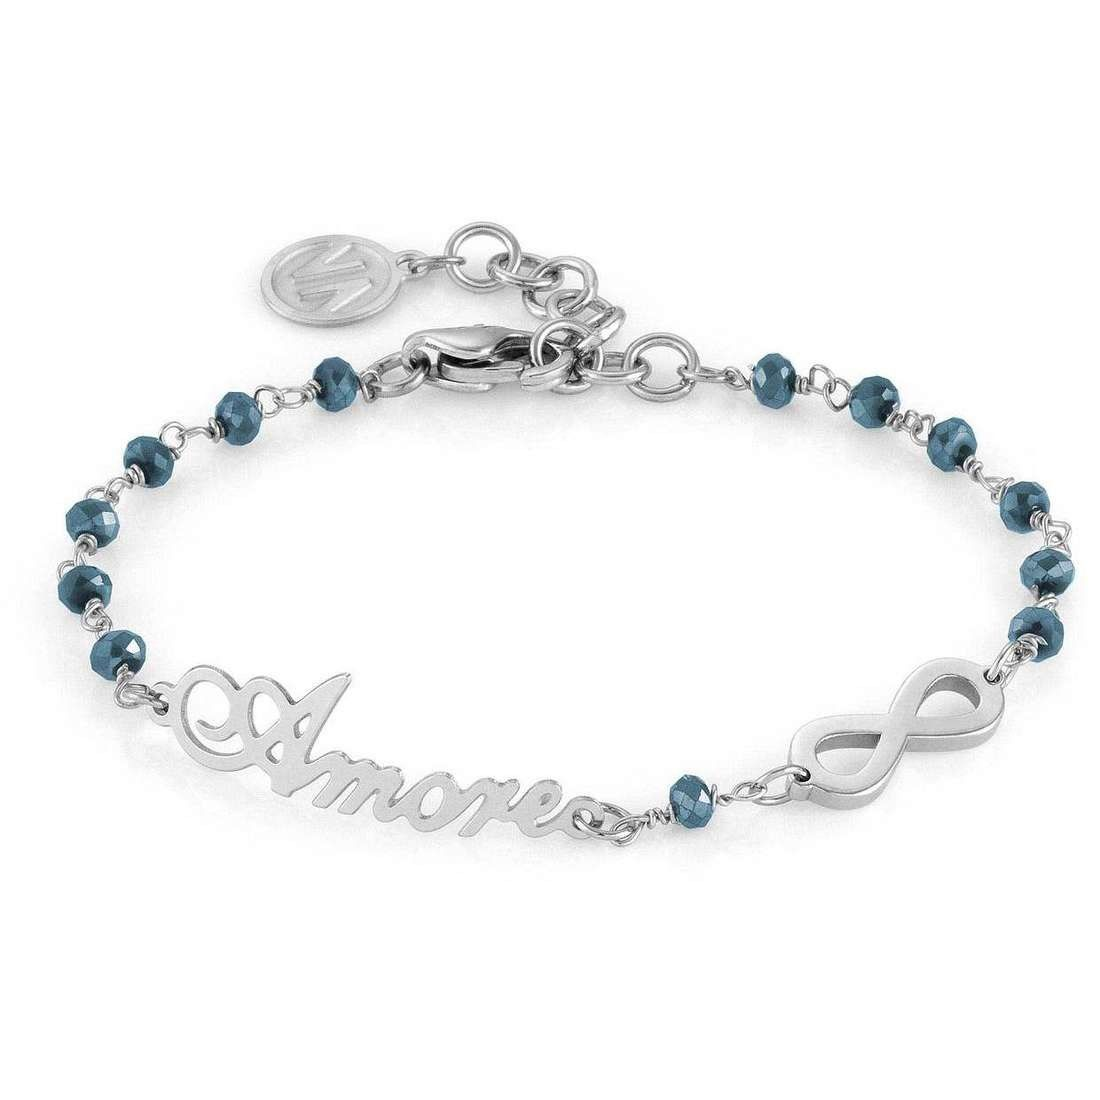 Favoloso Nomination bracciale con pietre ref. 027200/024 | GIOIELLI | Shop  QP85